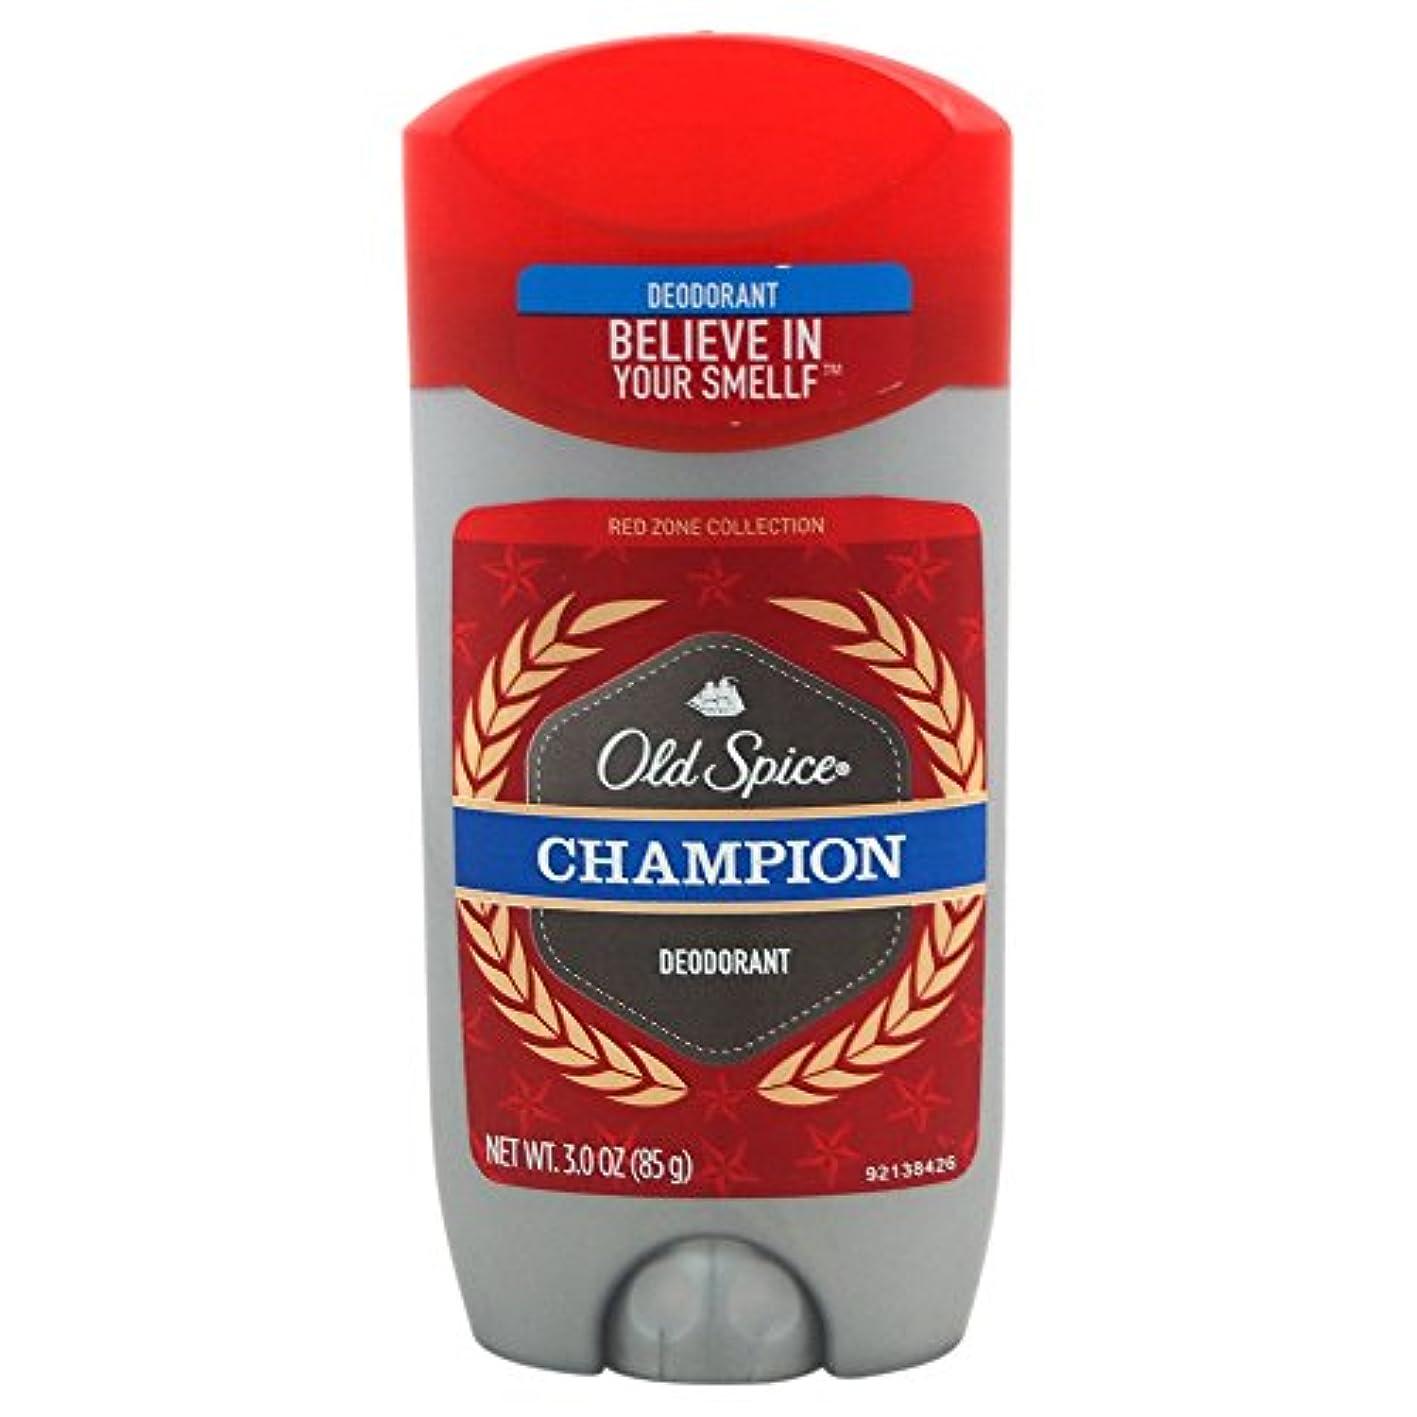 密シャトル興奮するオールドスパイス(Old Spice) Deodorant デオドラント Red zone CHAMPION/チャンピョン 85g[並行輸入品]